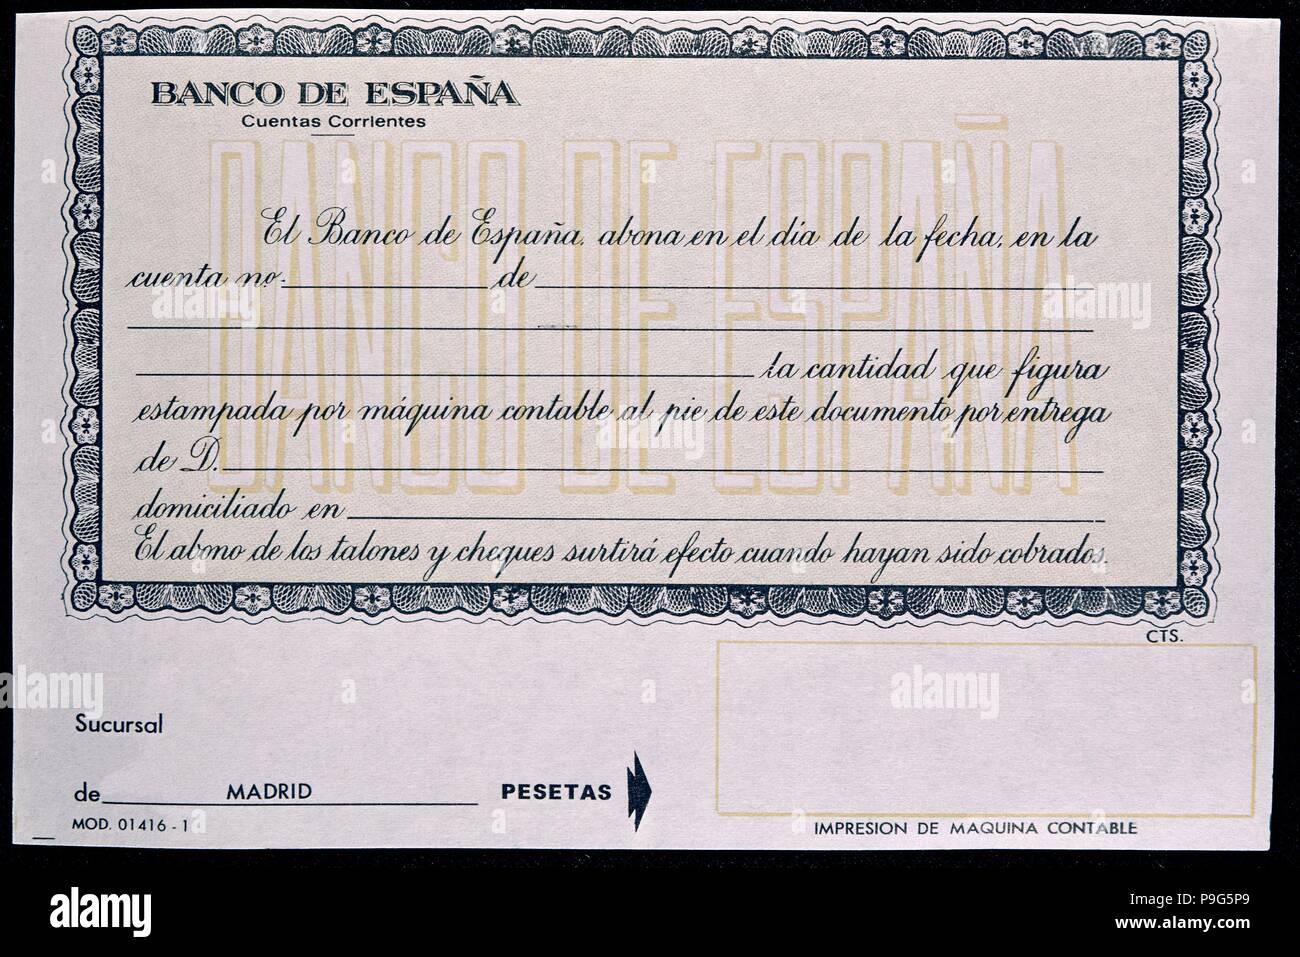 RESGUARDO PARA ABONO EN CUENTA CORRIENTA. Location: BANCO DE ESPAÑA-DOCUMENTOS, MADRID, SPAIN. - Stock Image